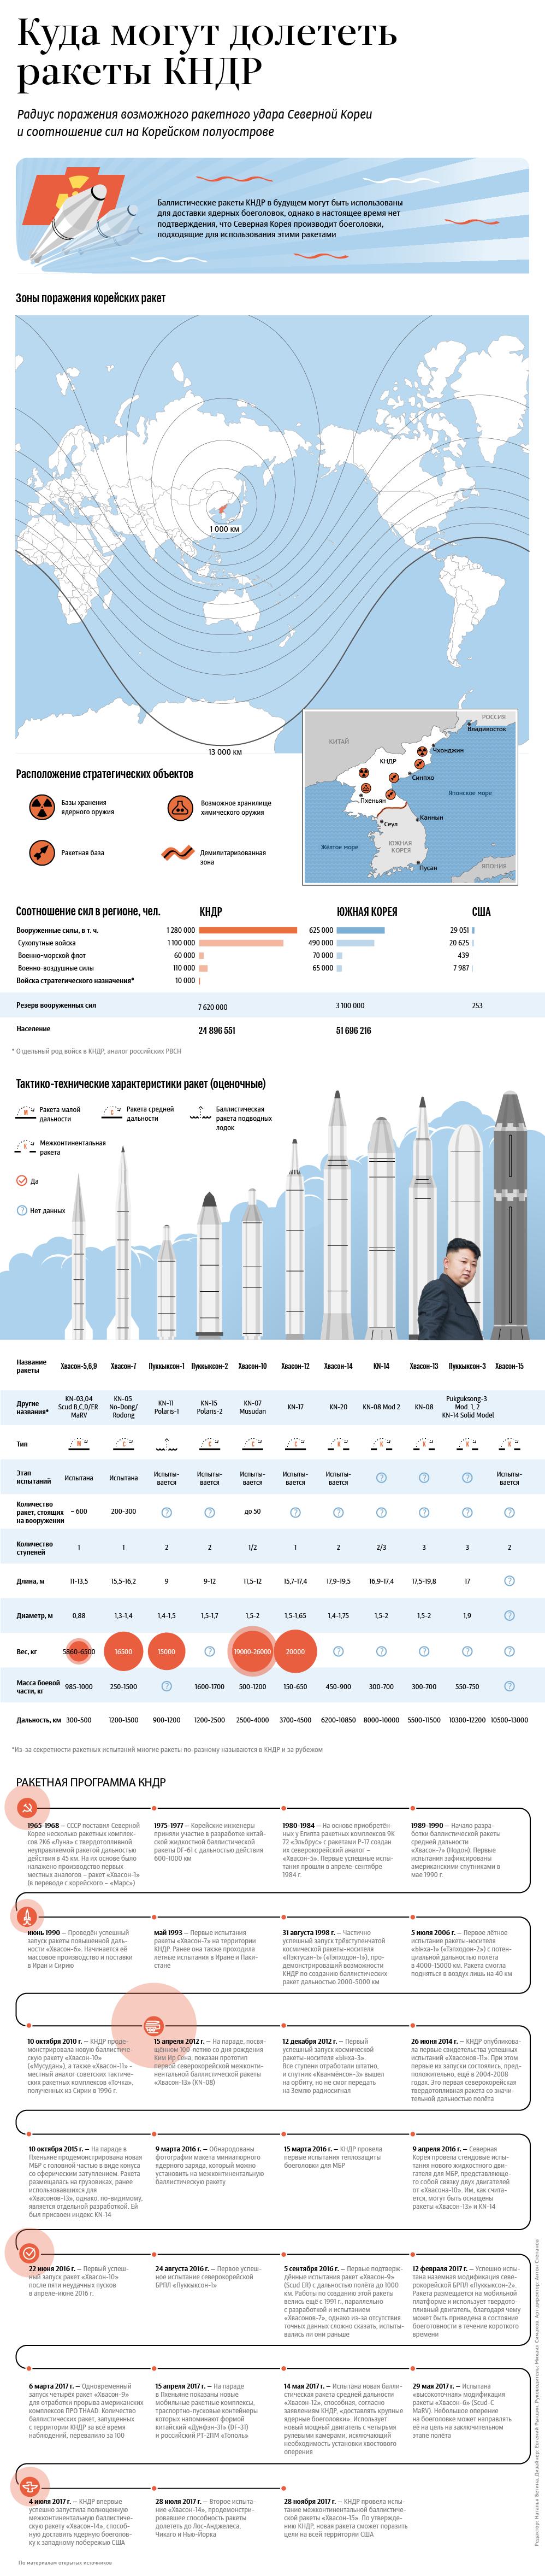 Куда могут долететь ракеты КНДР.